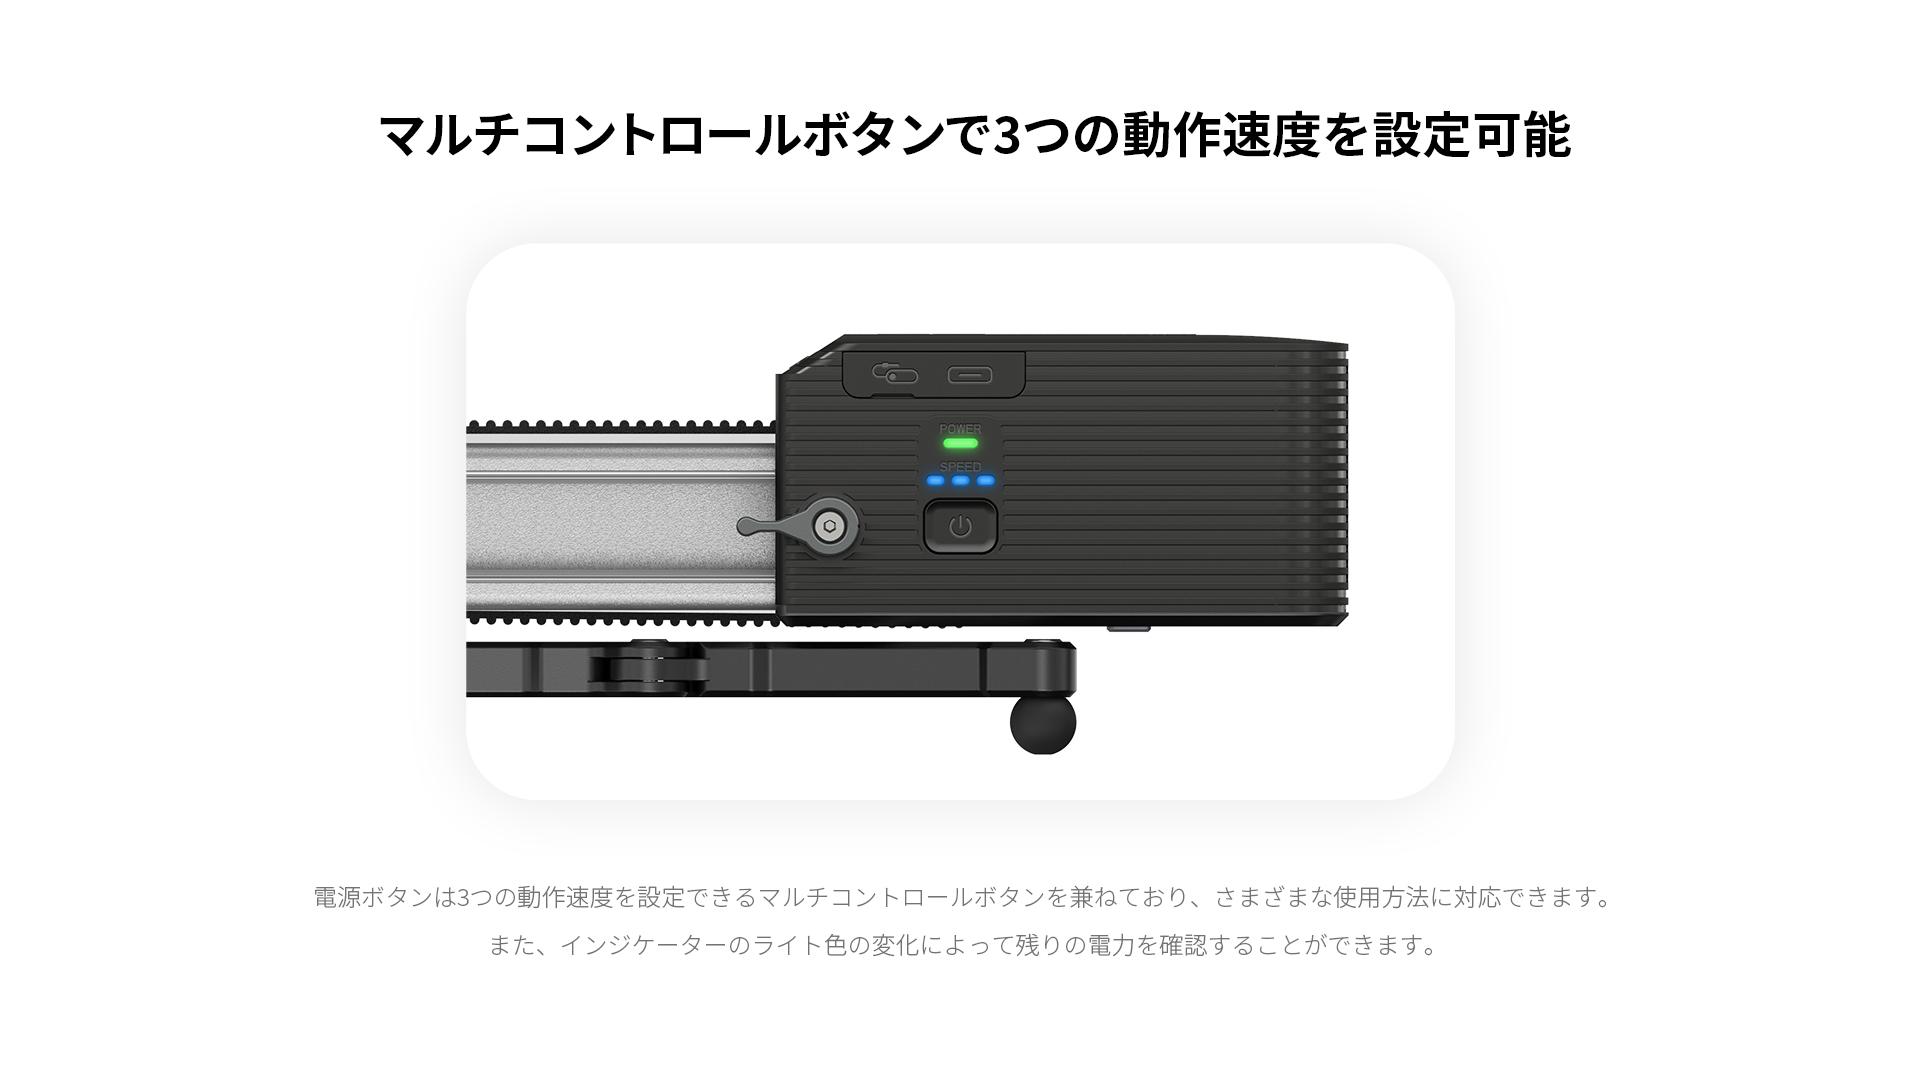 マルチコントロールボタンで3つの動作速度を設定可能 電源ボタンは3つの動作速度を設定できるマルチコントロールボタンを兼ねており、さまざまな使用方法に対応できます。また、インジケーターのライト色の変化によって残りの電力を確認することができます。